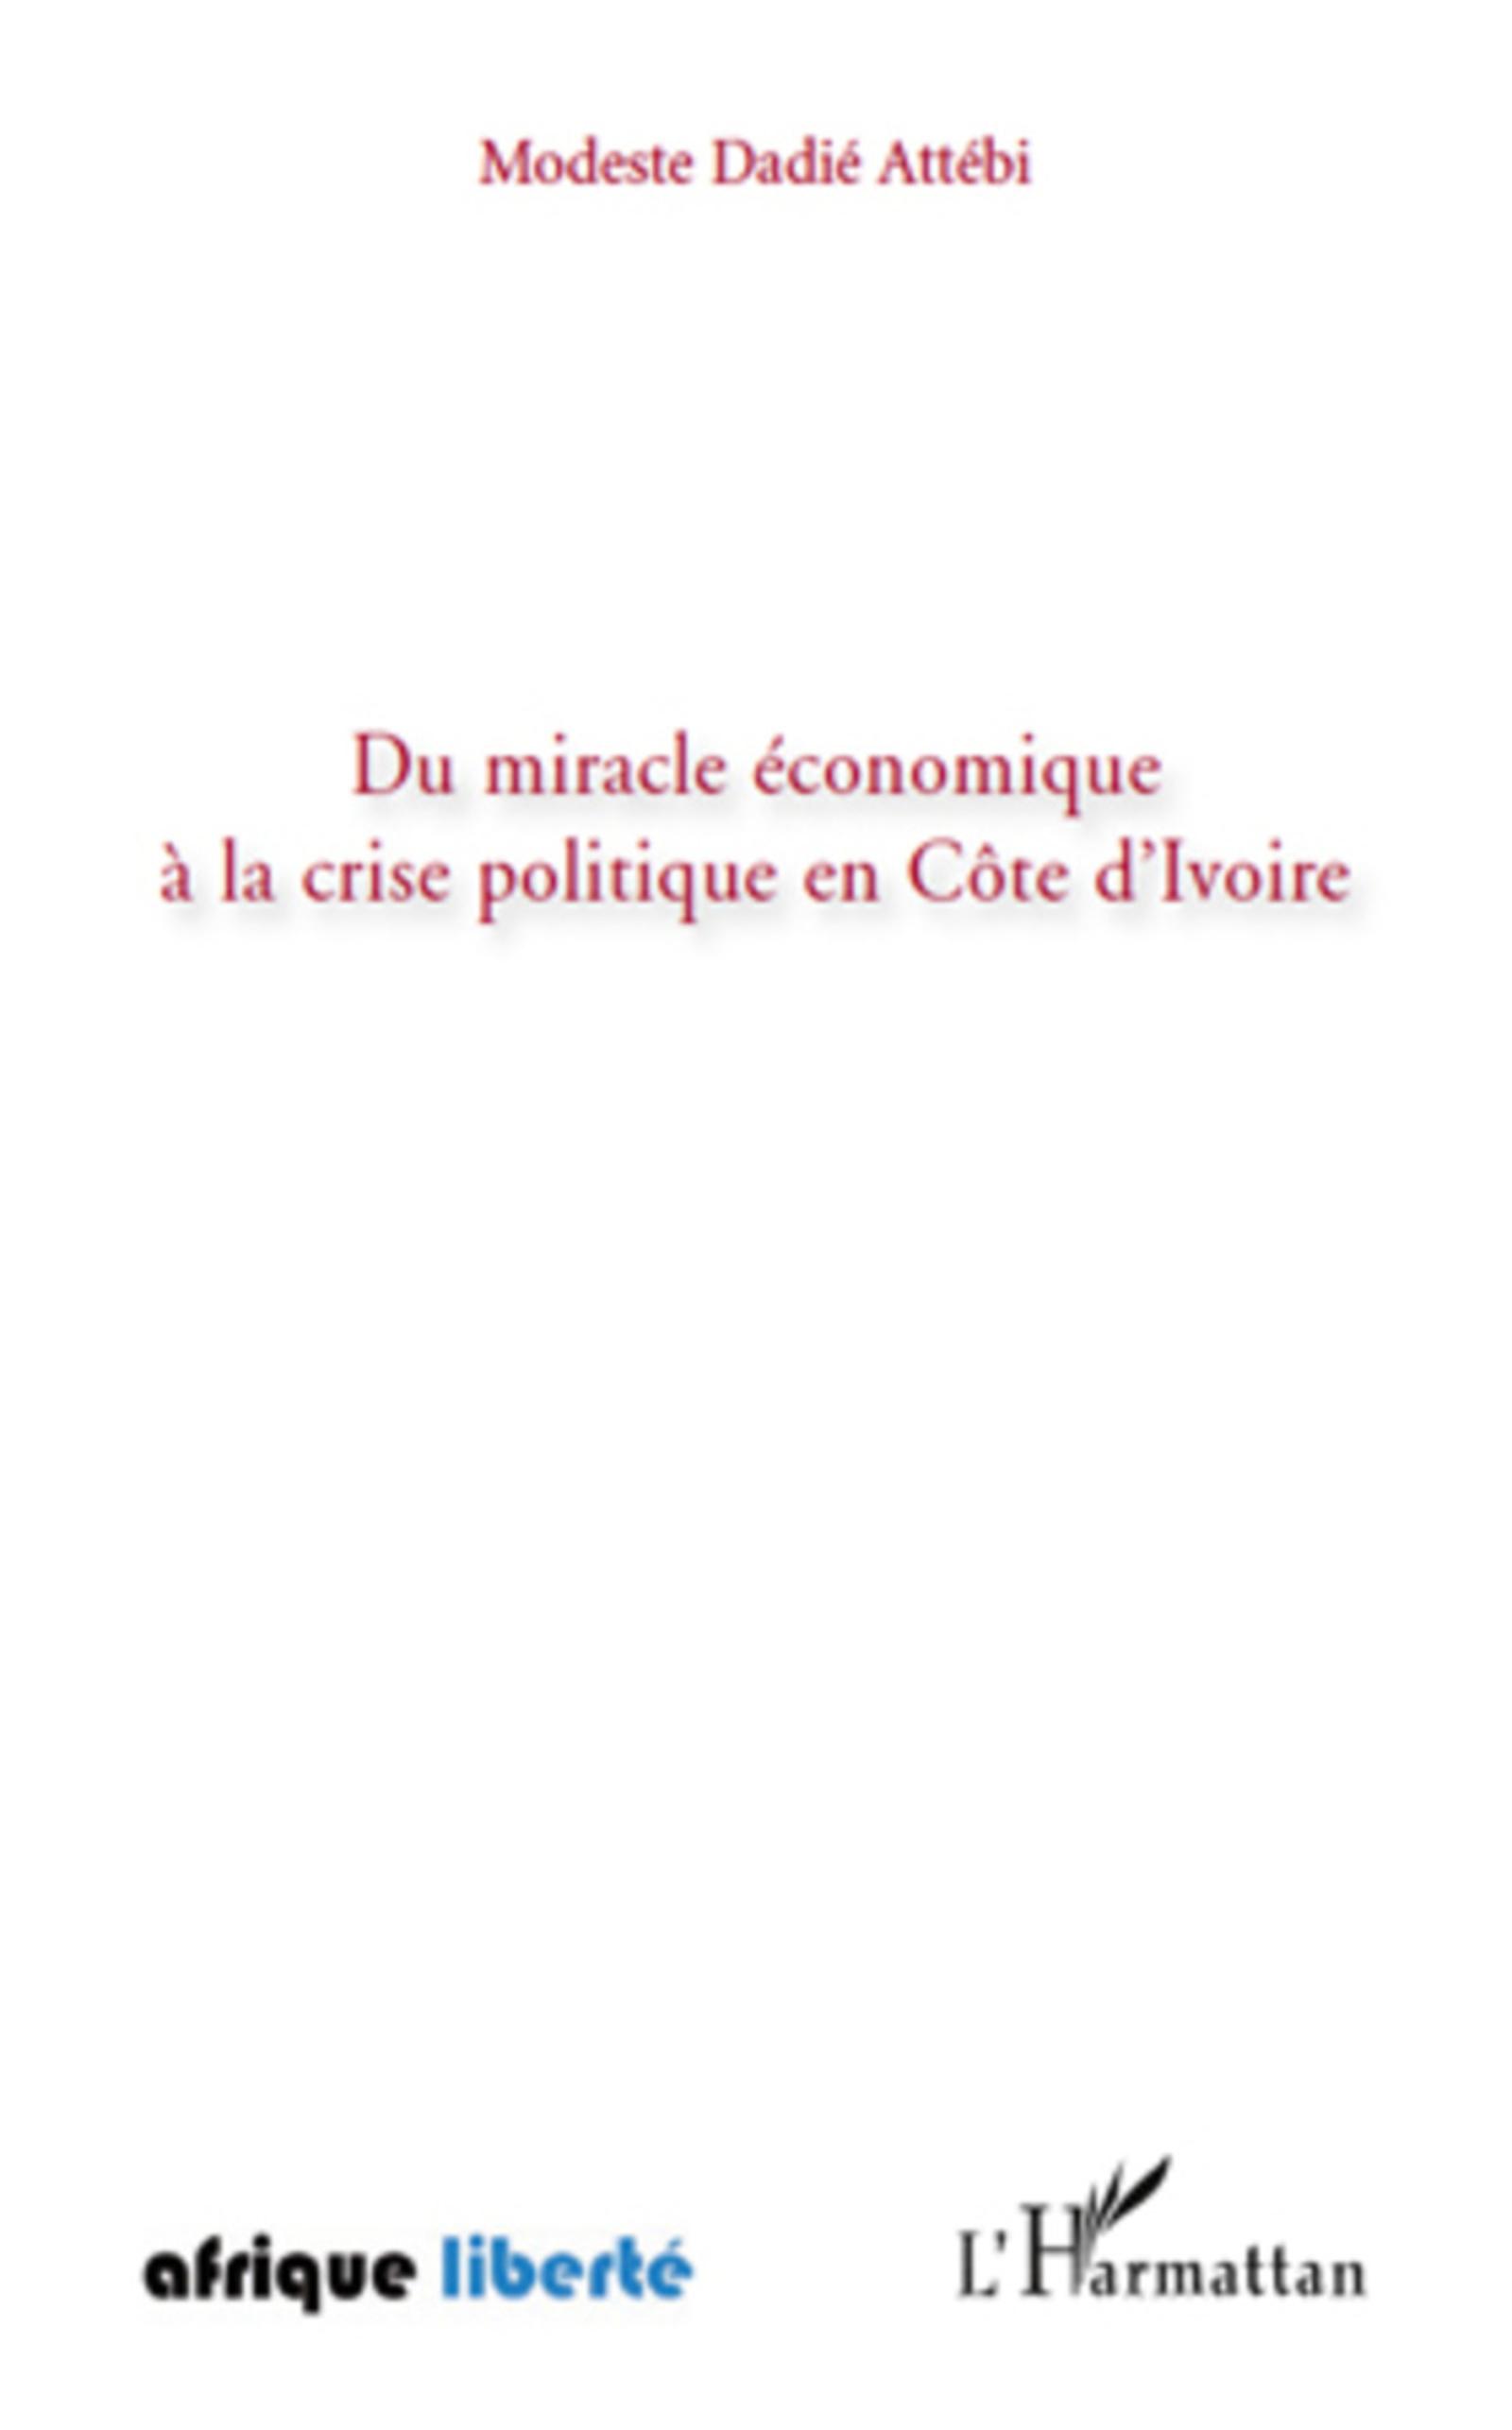 Du Miracle Economique a la Crise Politique en Cotre dIvoire (Afrique Liberté) (French Edition)